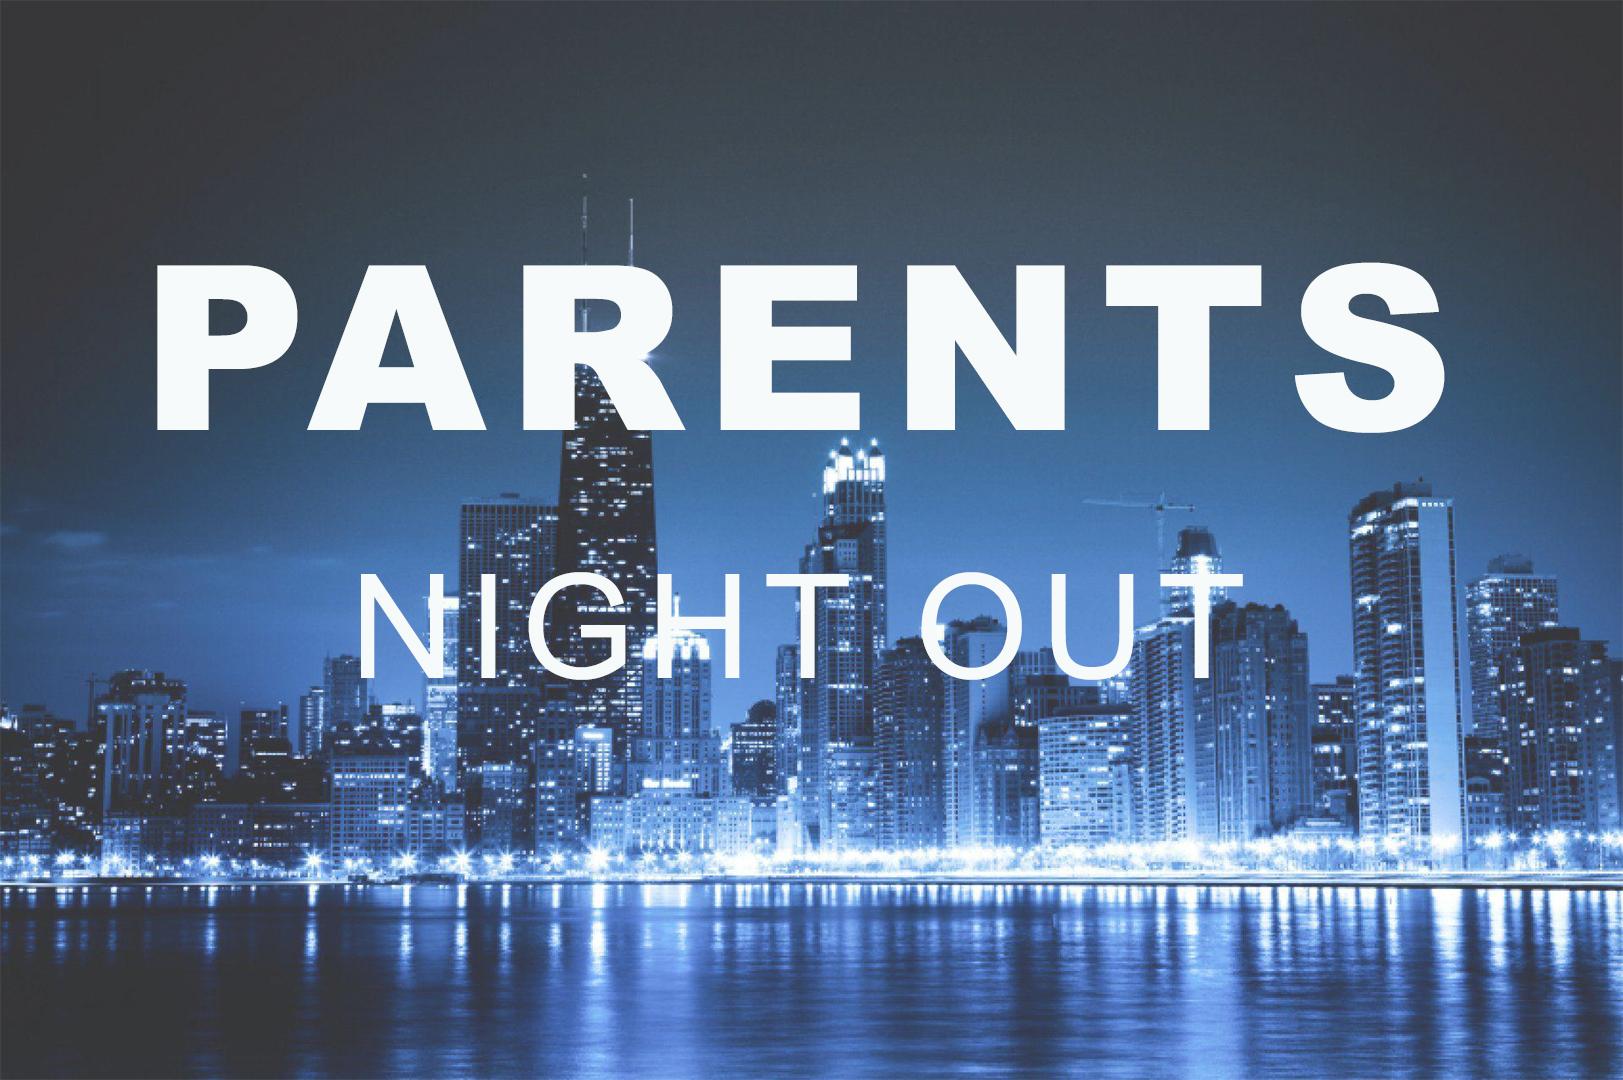 Fb parentsnightout